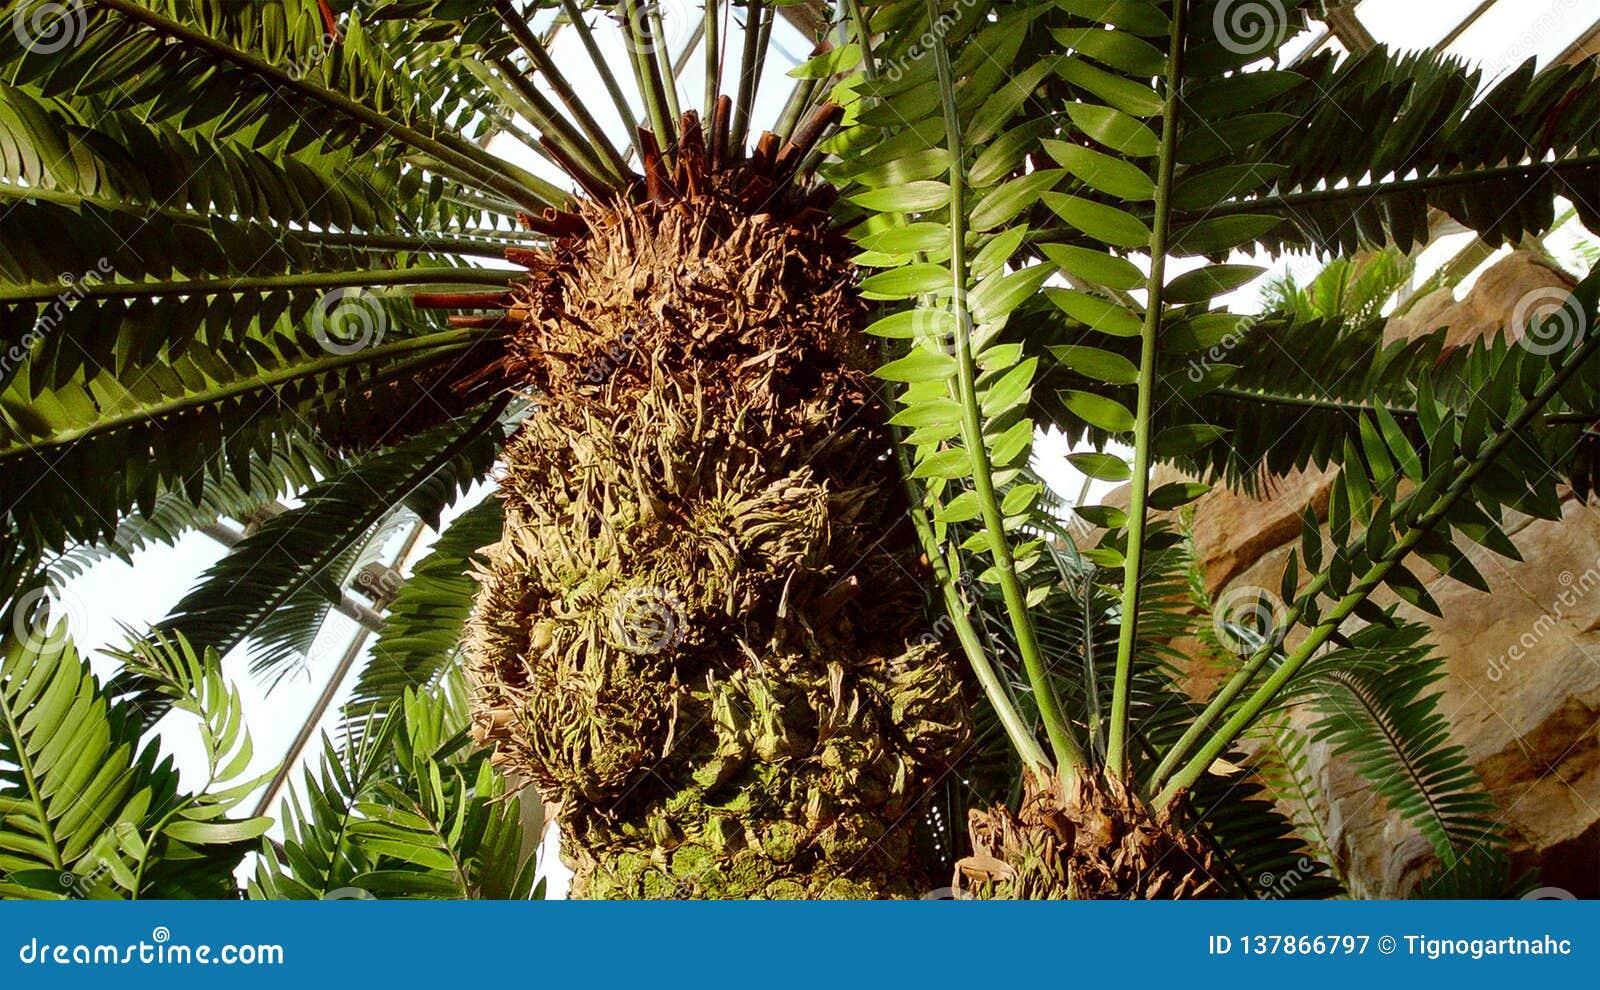 苏铁科的植物属于为恐龙一定提供食物的家庭 这是非常古老植物类,可能找到